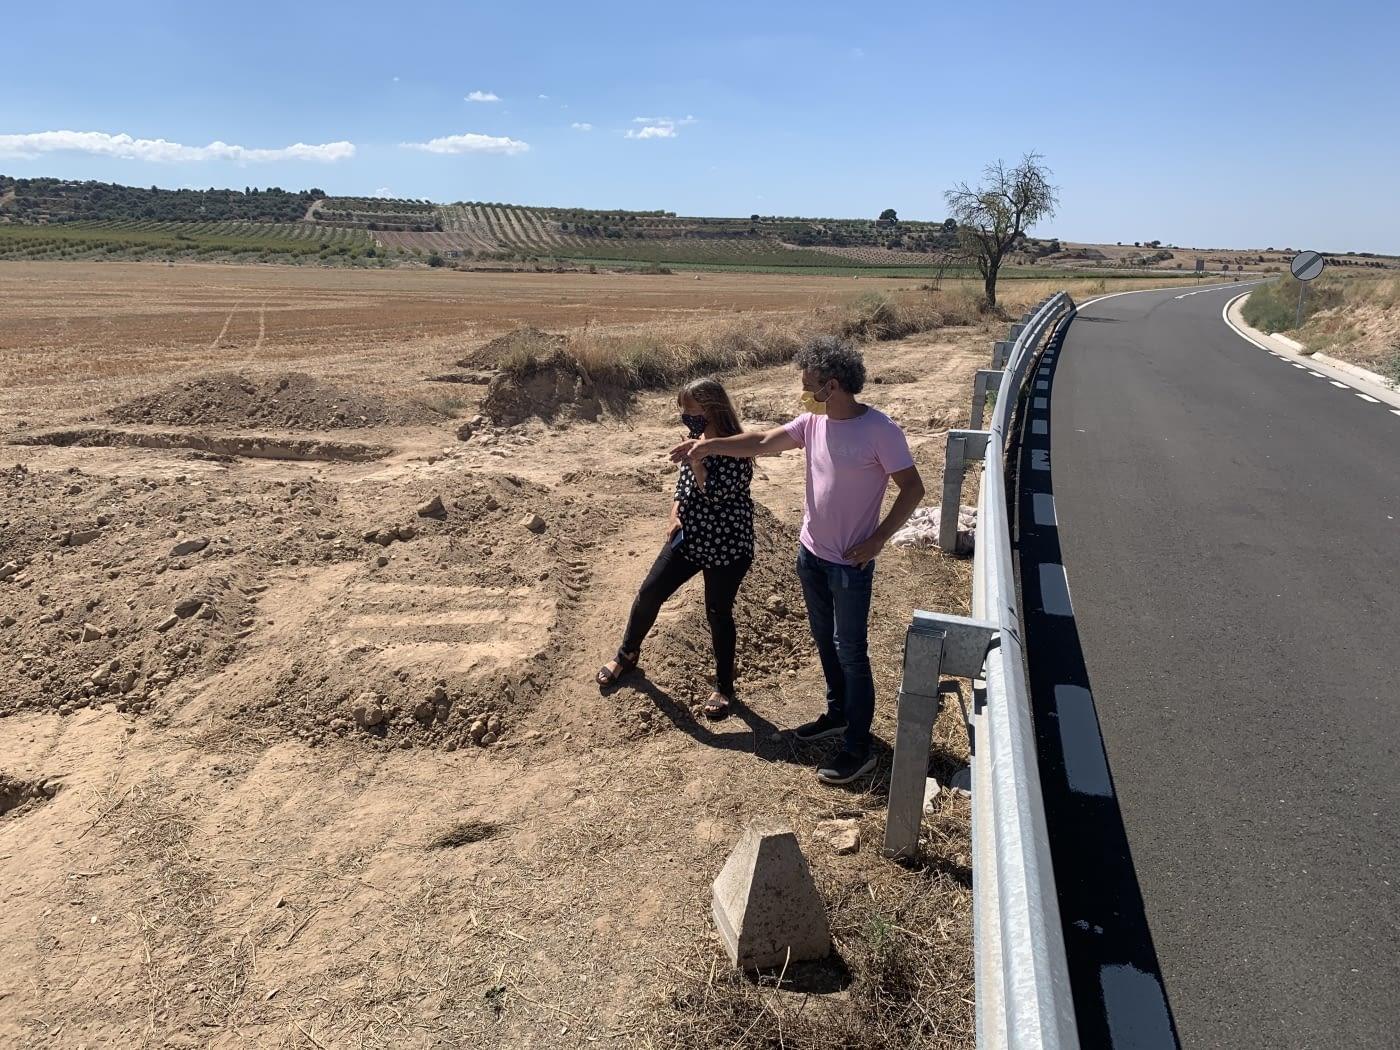 S'inicien les intervencions arqueològiques prèvies a la modificació del traçat de la carretera de Tàrrega a Sant Martí de Maldà a l'alçada del jaciment dels Estinclells.